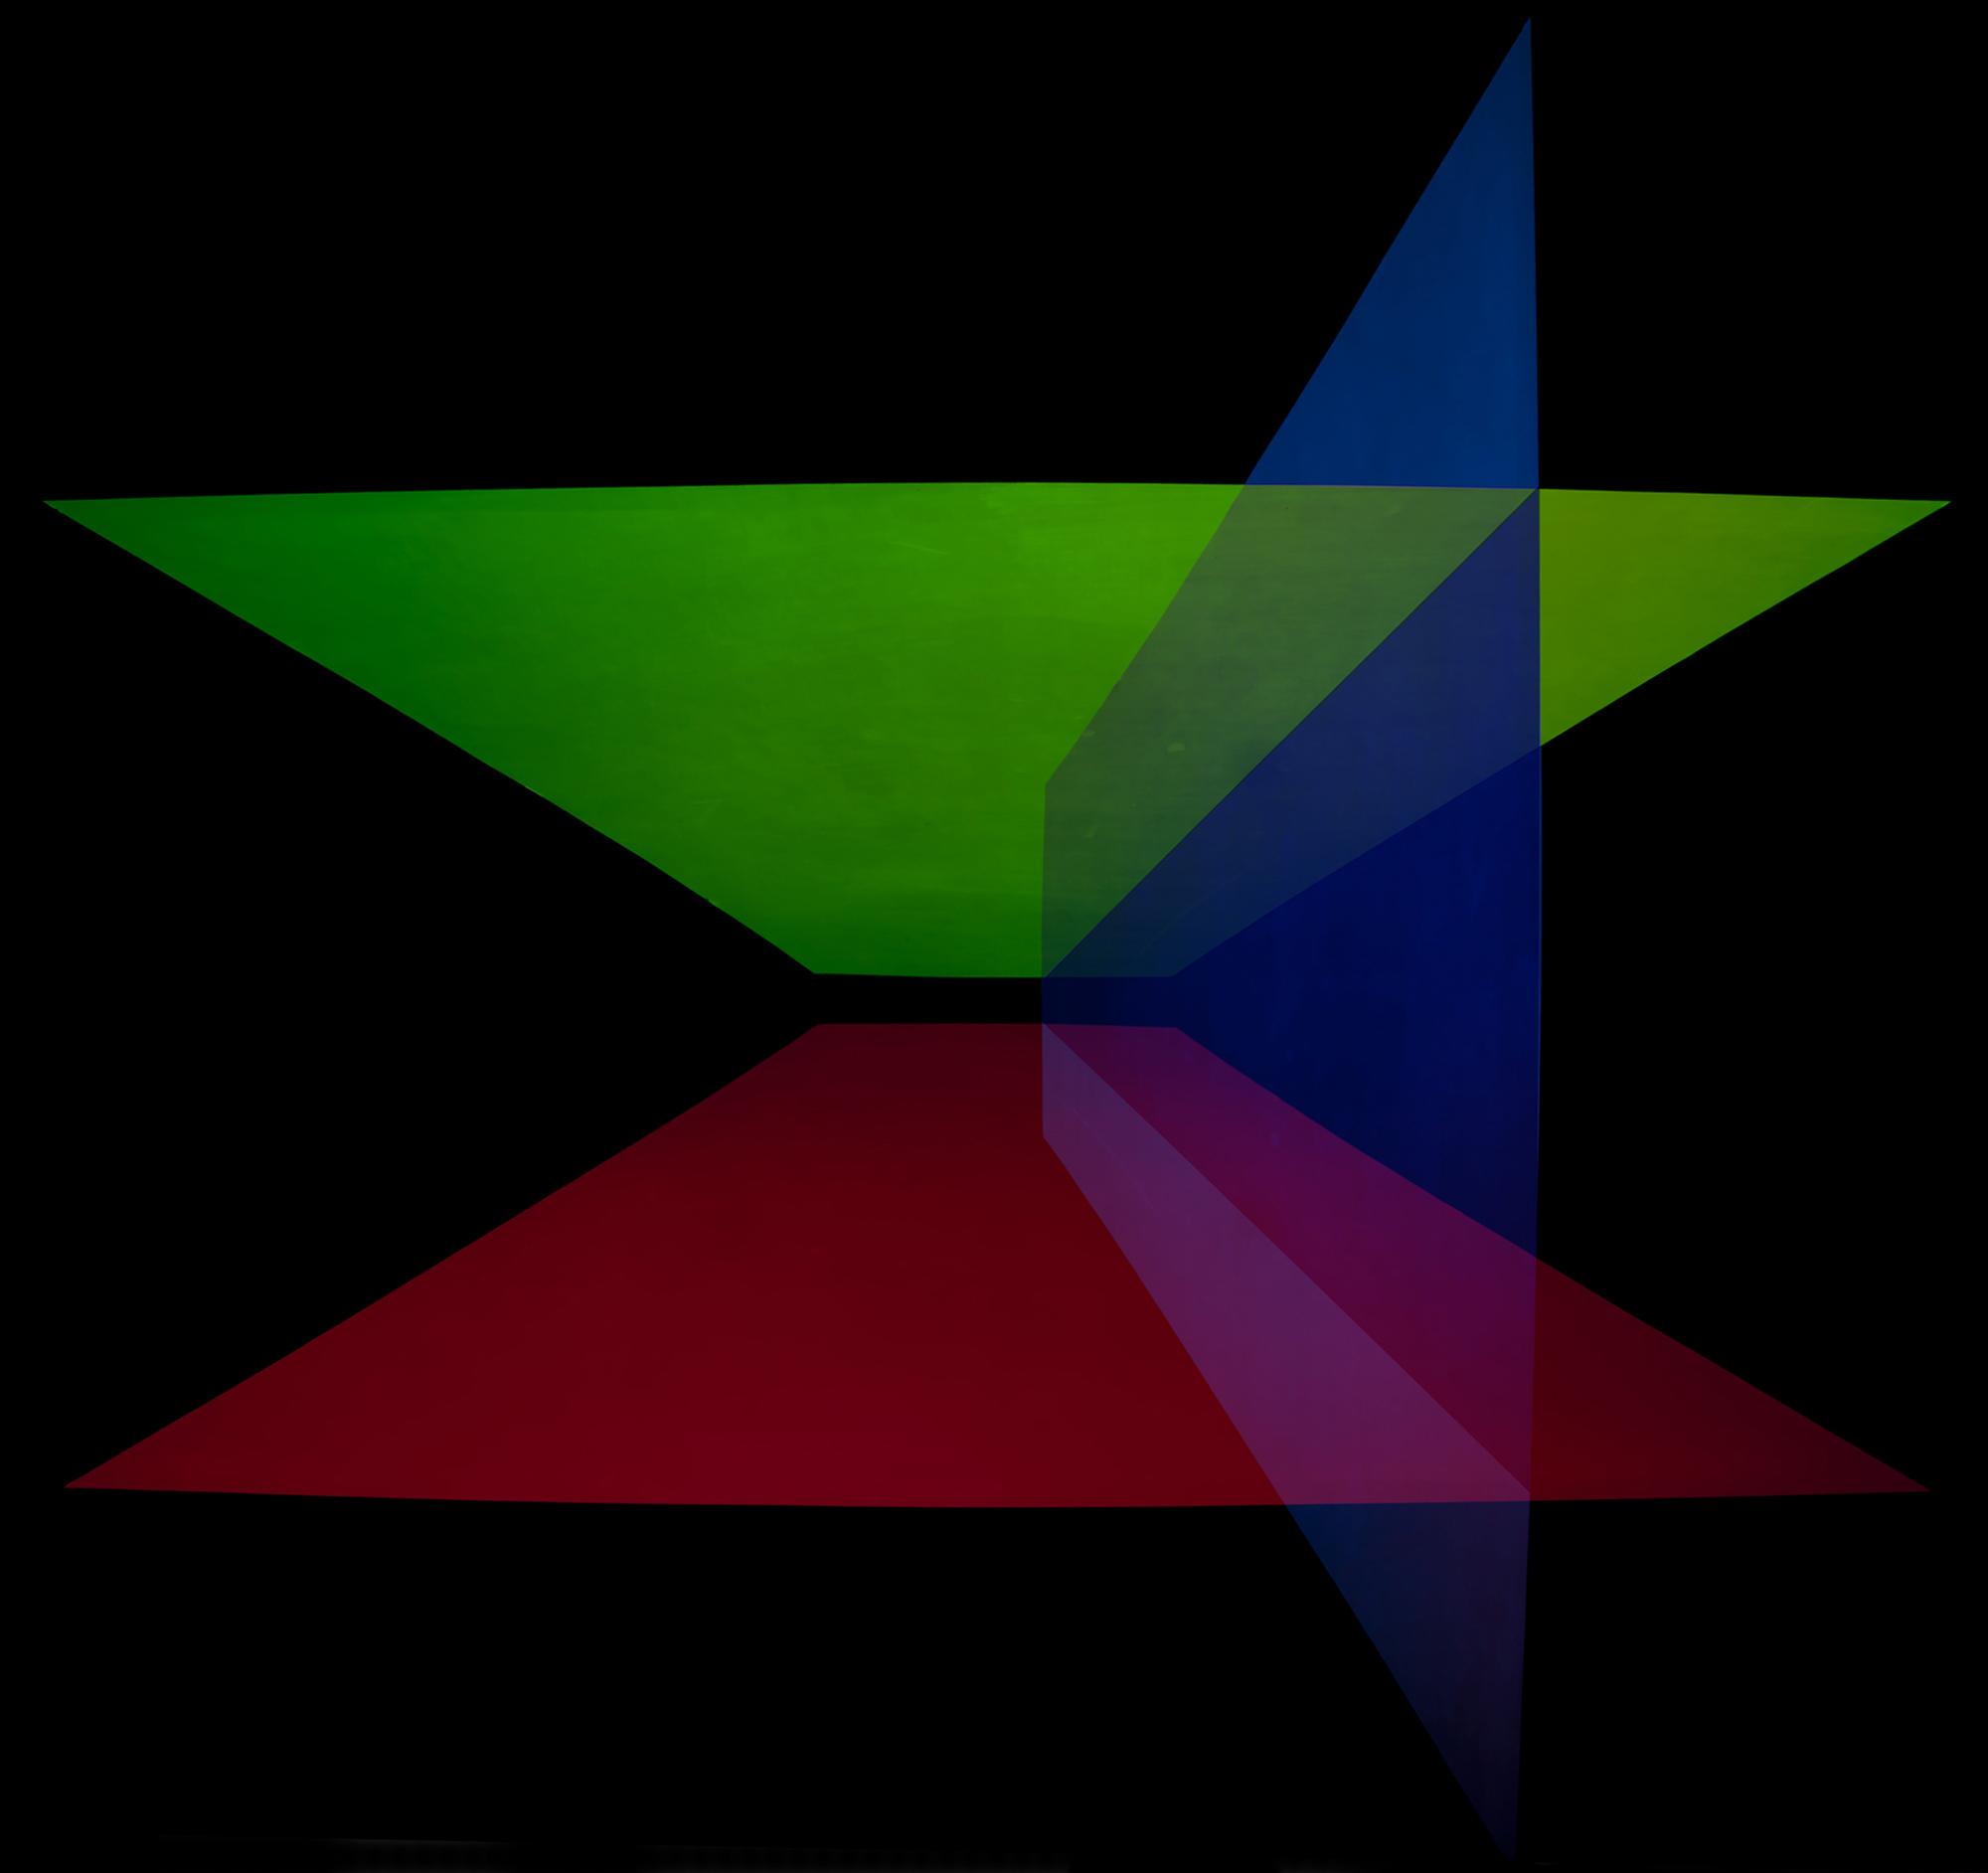 Formas de Luz 338